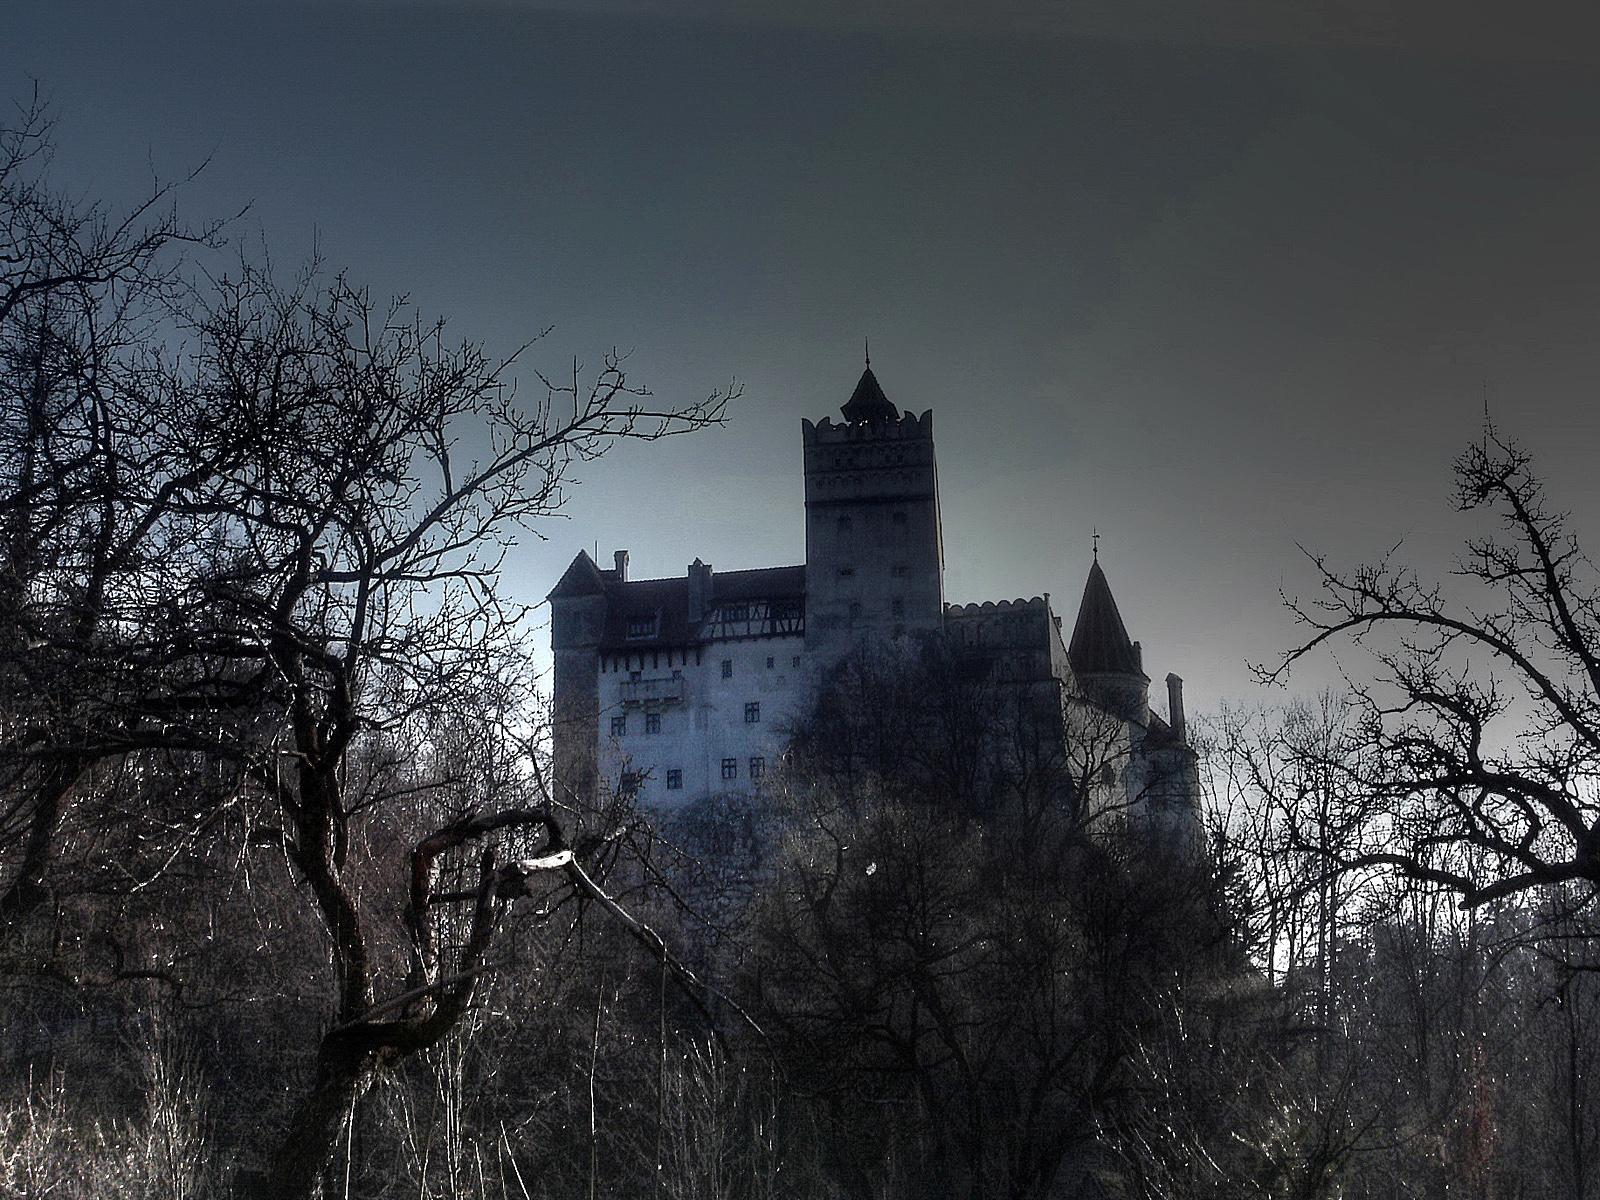 Стены замка до сих пор хранят злодеяния, которые совершал Дракула со своими жертвами